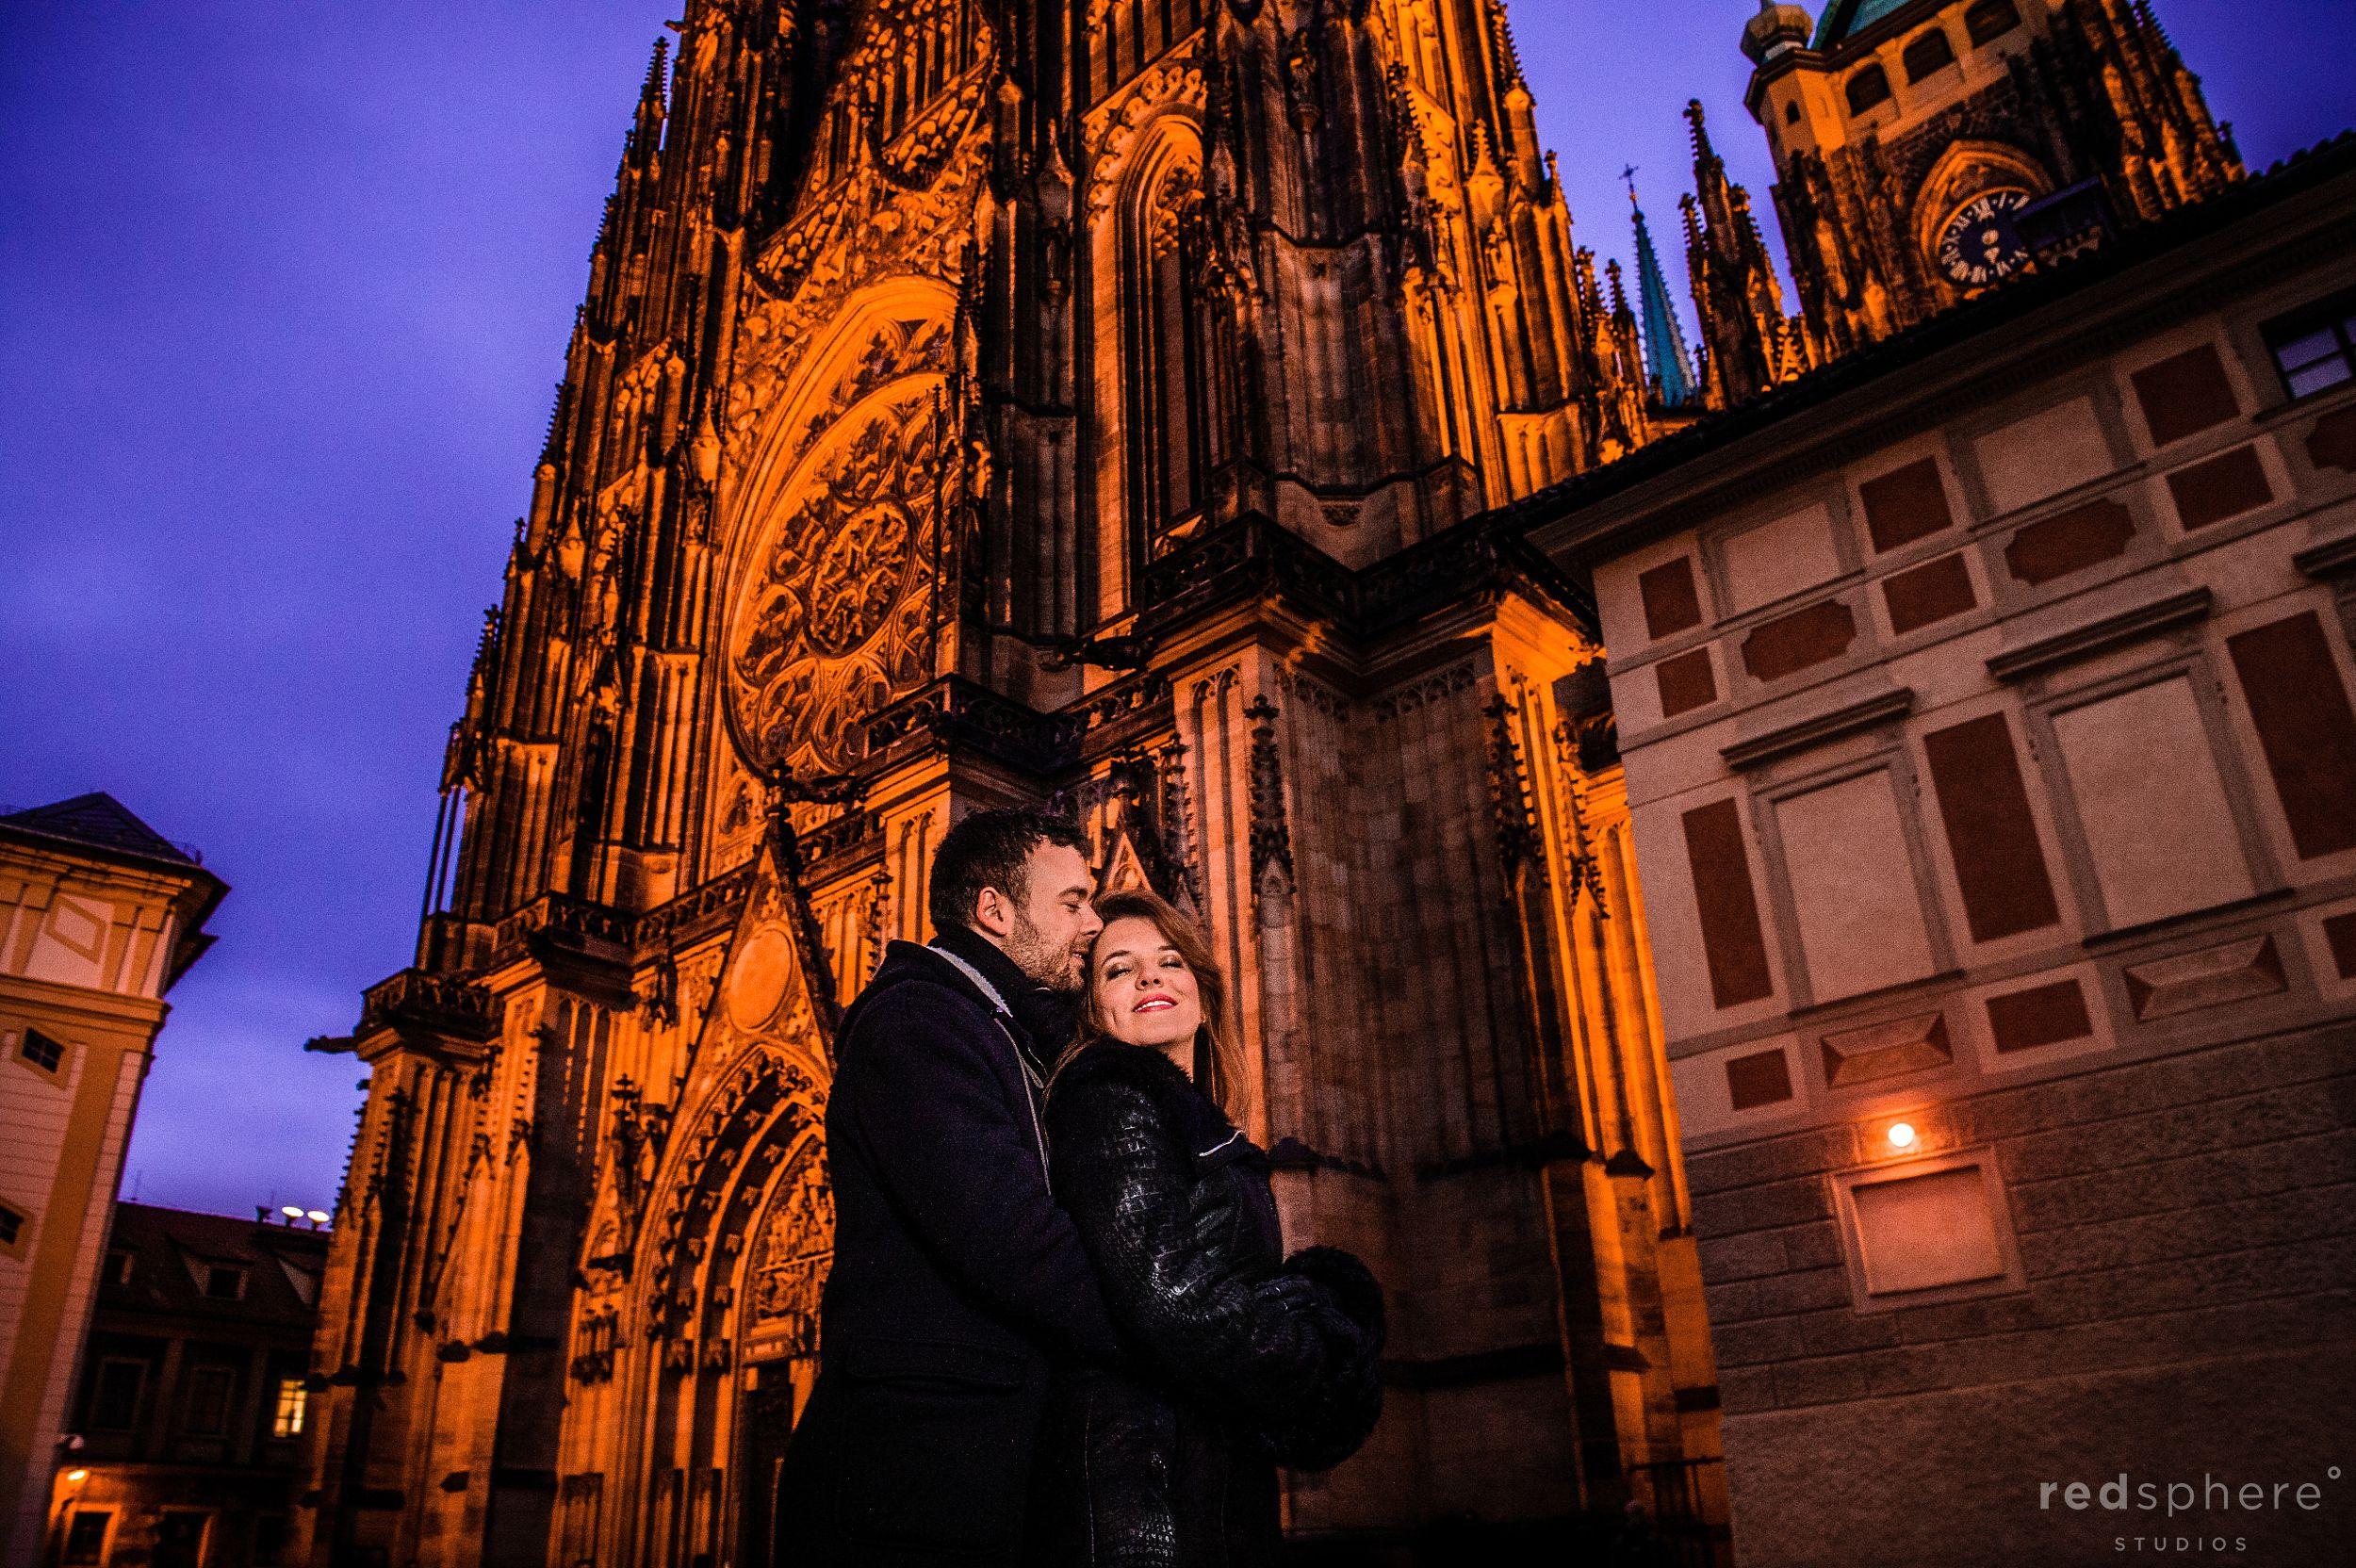 Special Moment During Engagement, Prague Castle, Czech Republic